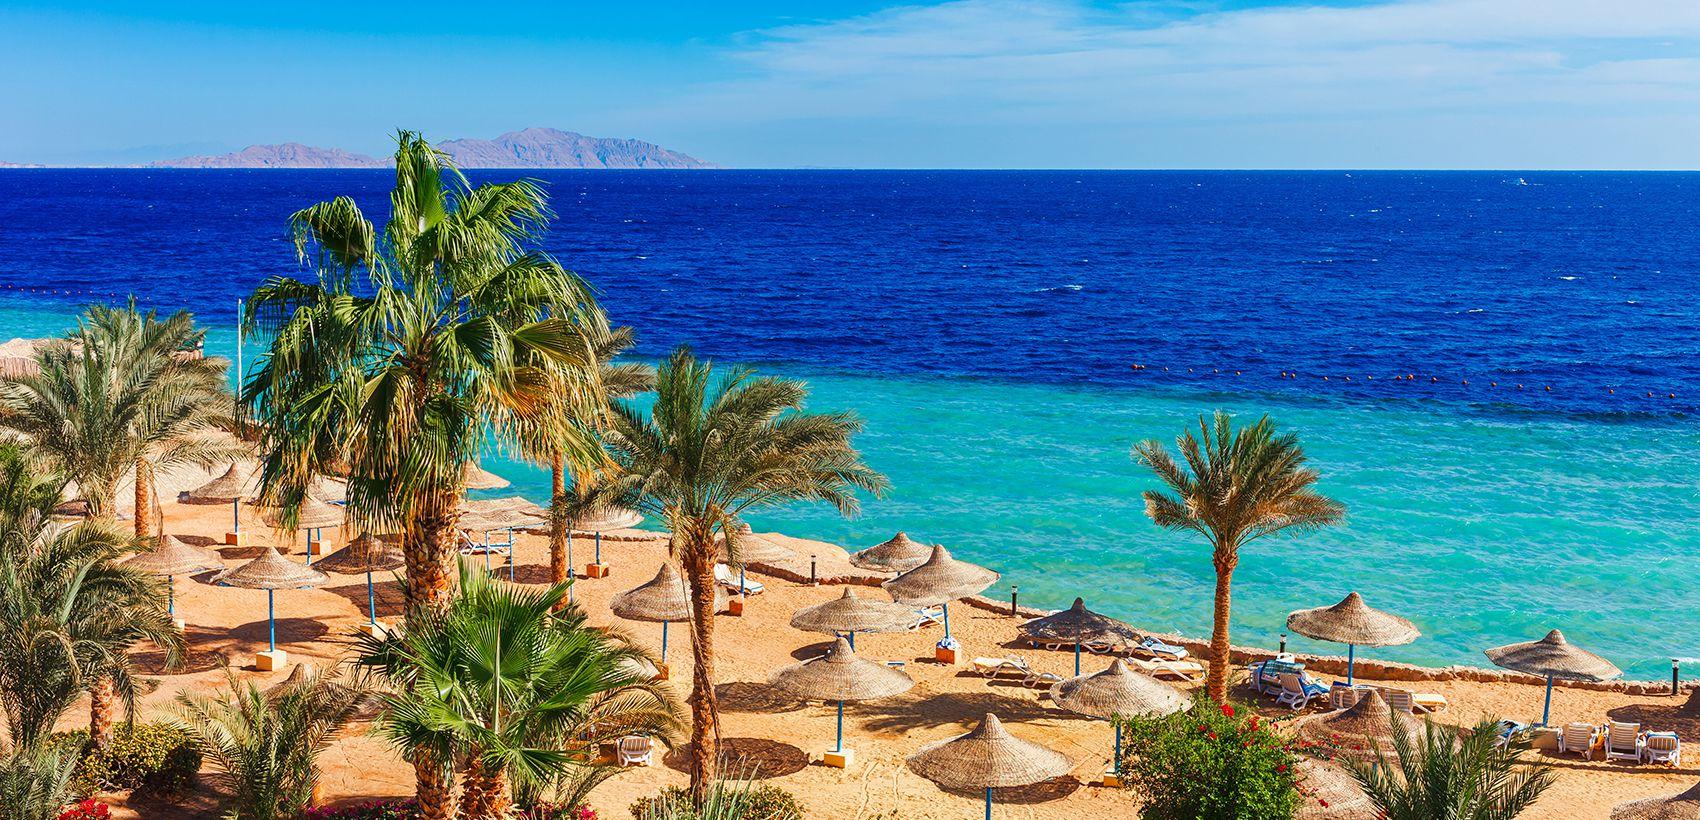 Egito-Hurghada|Lisboa (Sab) Porto (Seg)|Verão 2020-14 noites